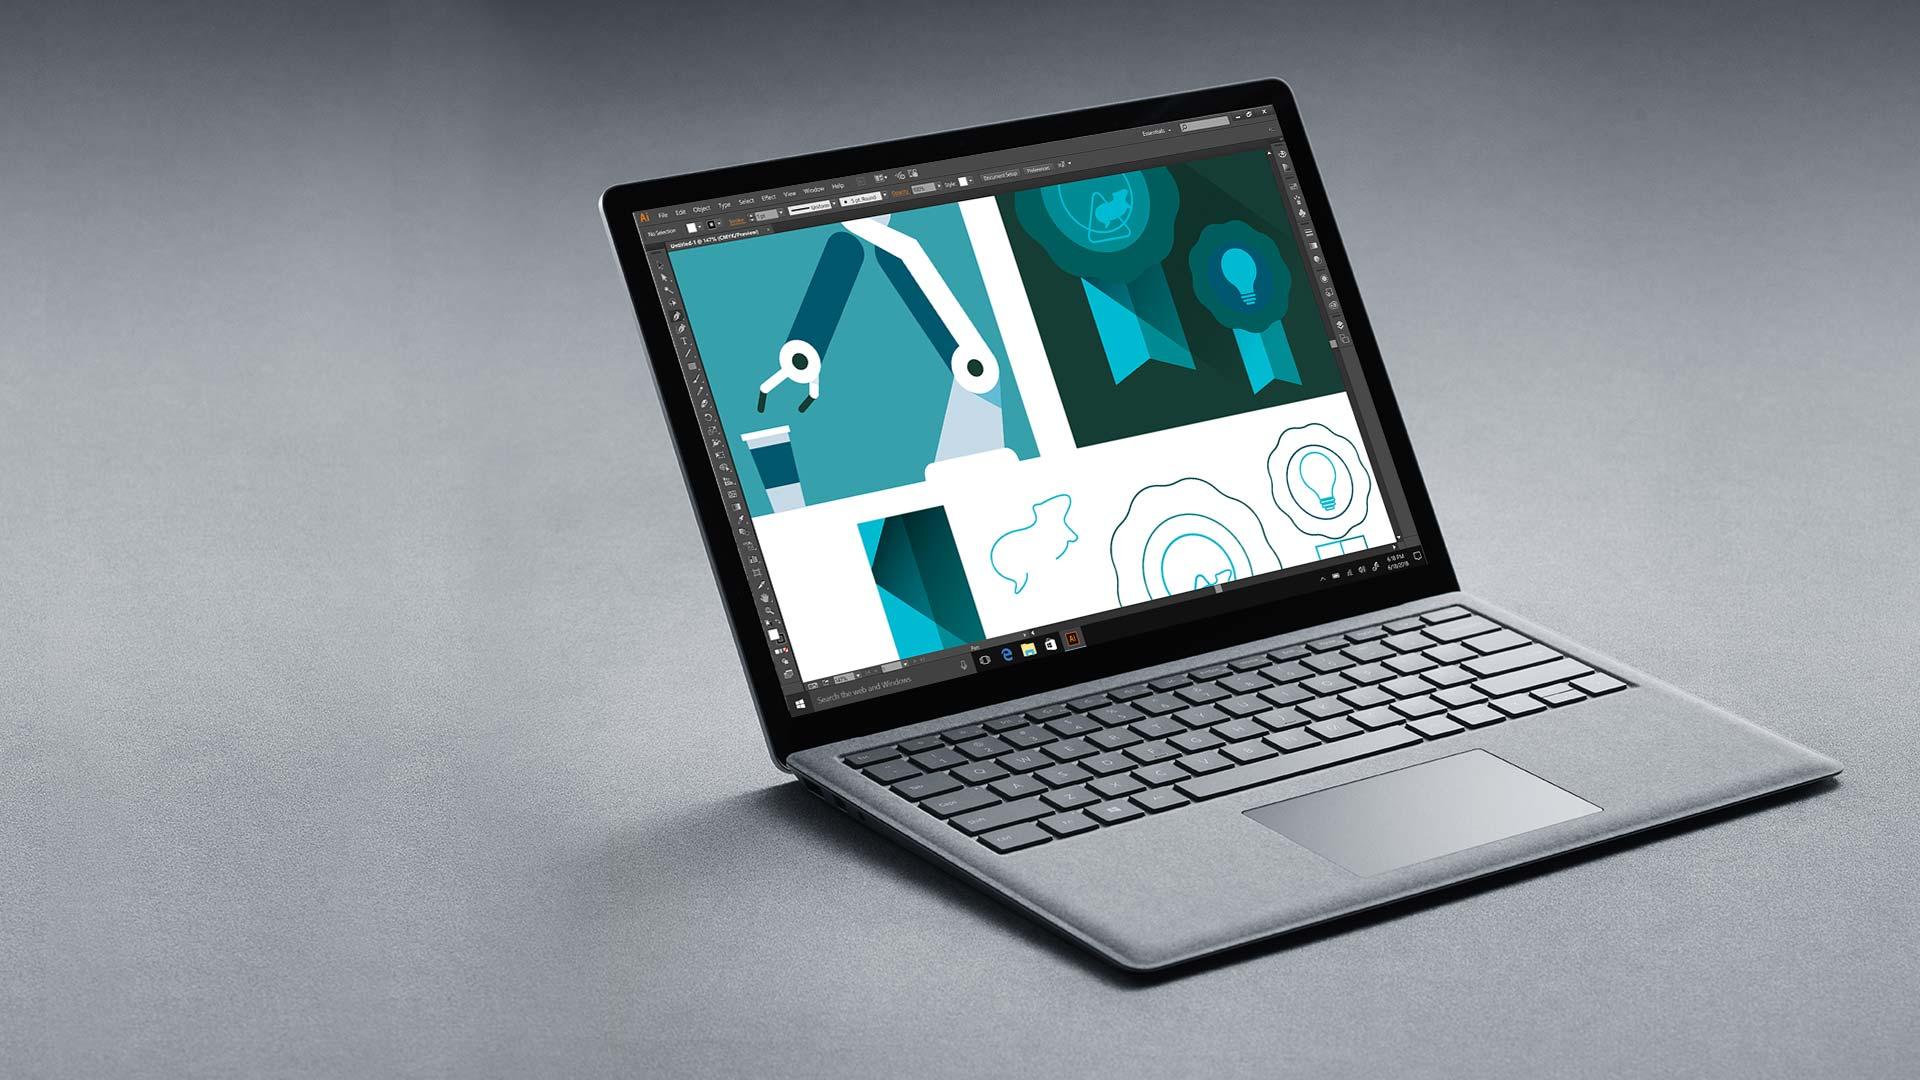 Surface Laptop in Platin Grau mit Adobe Illustrator-Bildschirm.